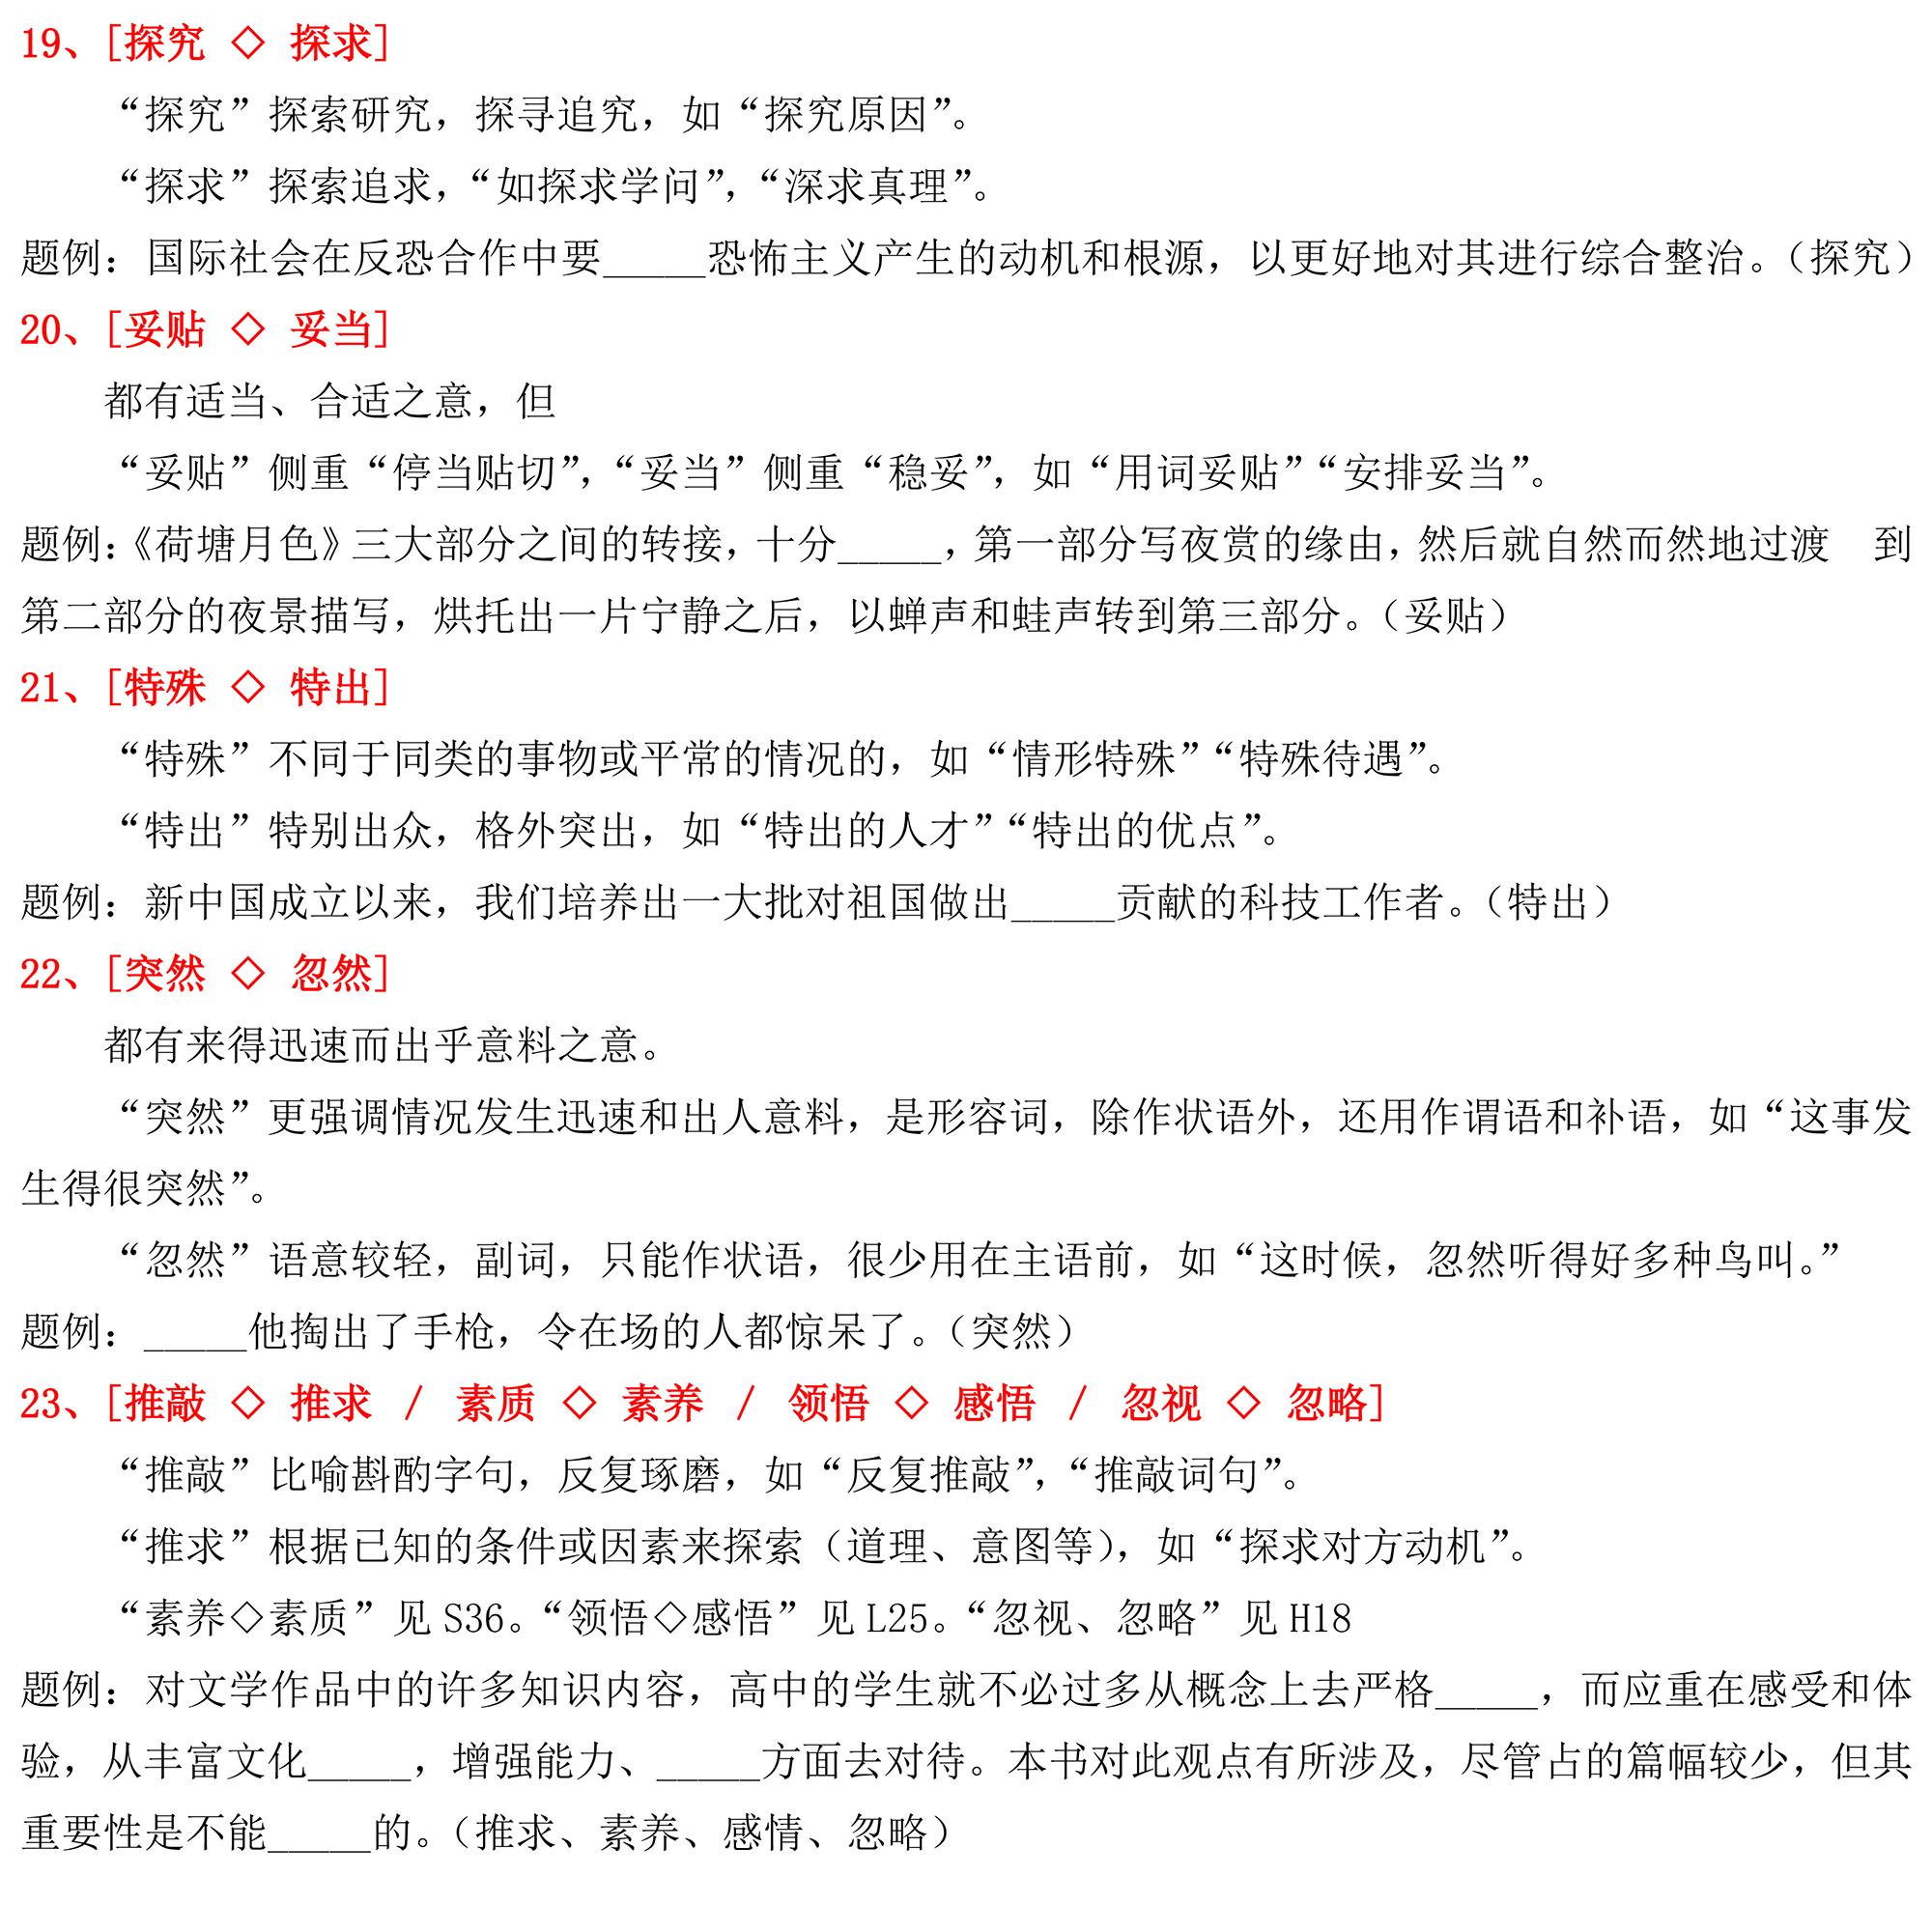 2-3:易混淆辨析 - 实词 - 打印版(O-T)-16.jpg